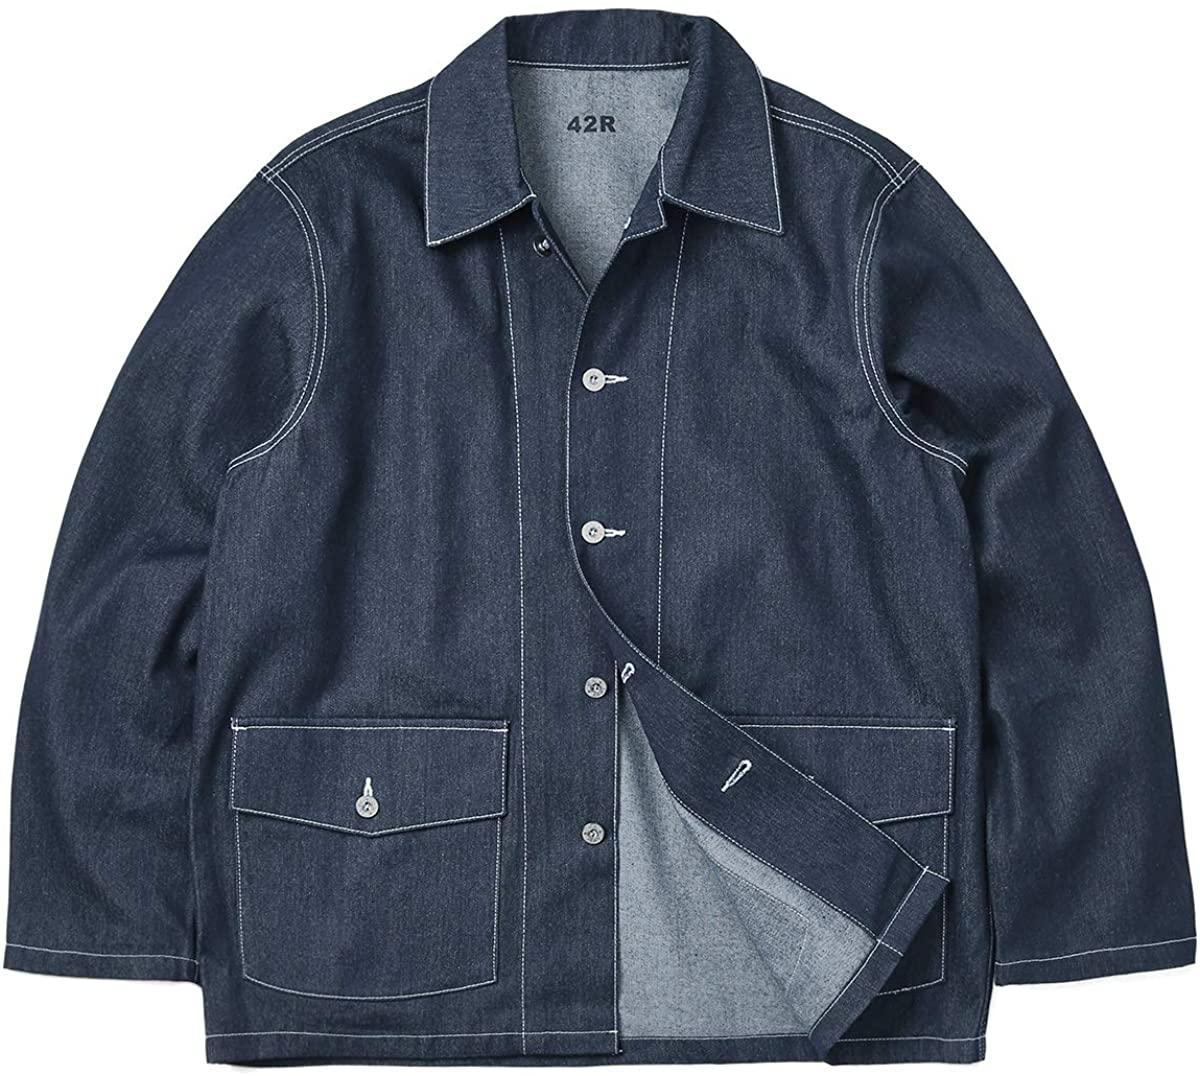 想像してみてください。このジャケットが貴方だけの特別な色落ちをしていく姿を。